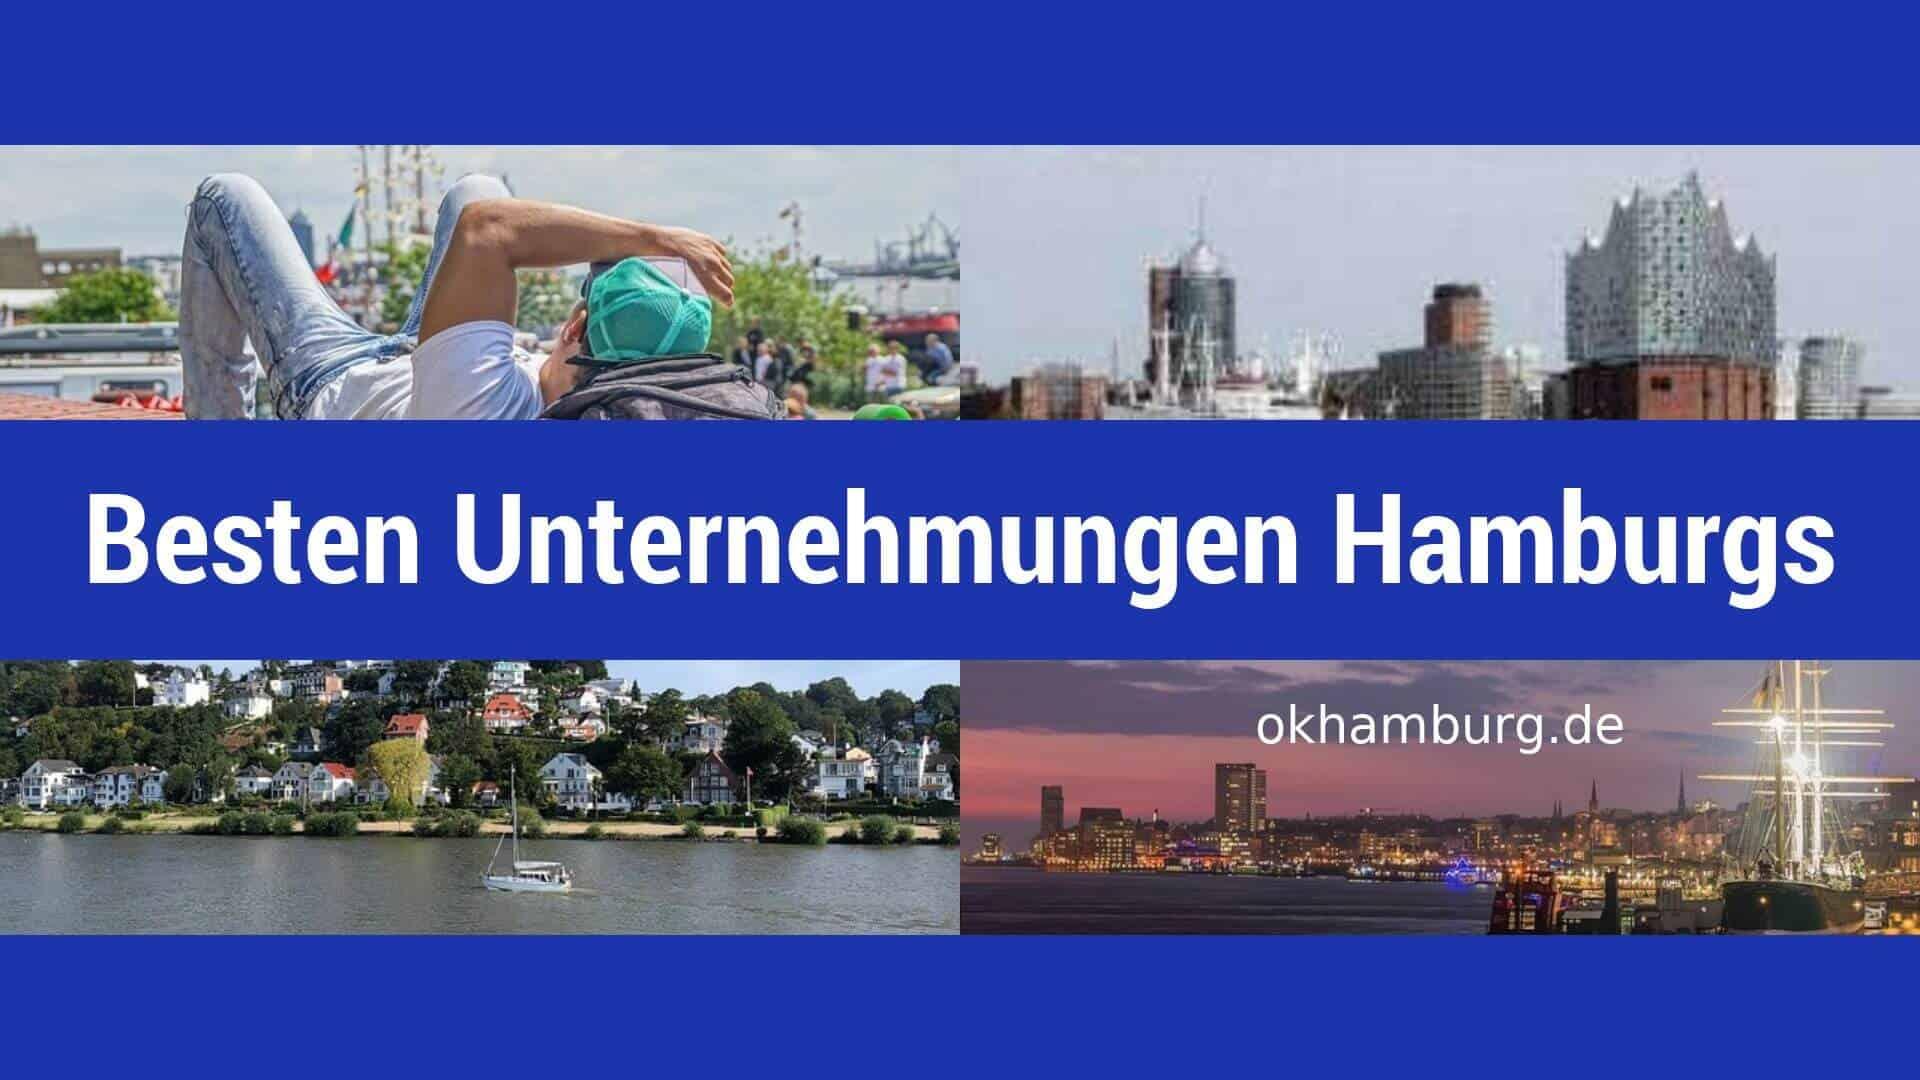 Schlampe Hamburg, Freie und Hansestadt